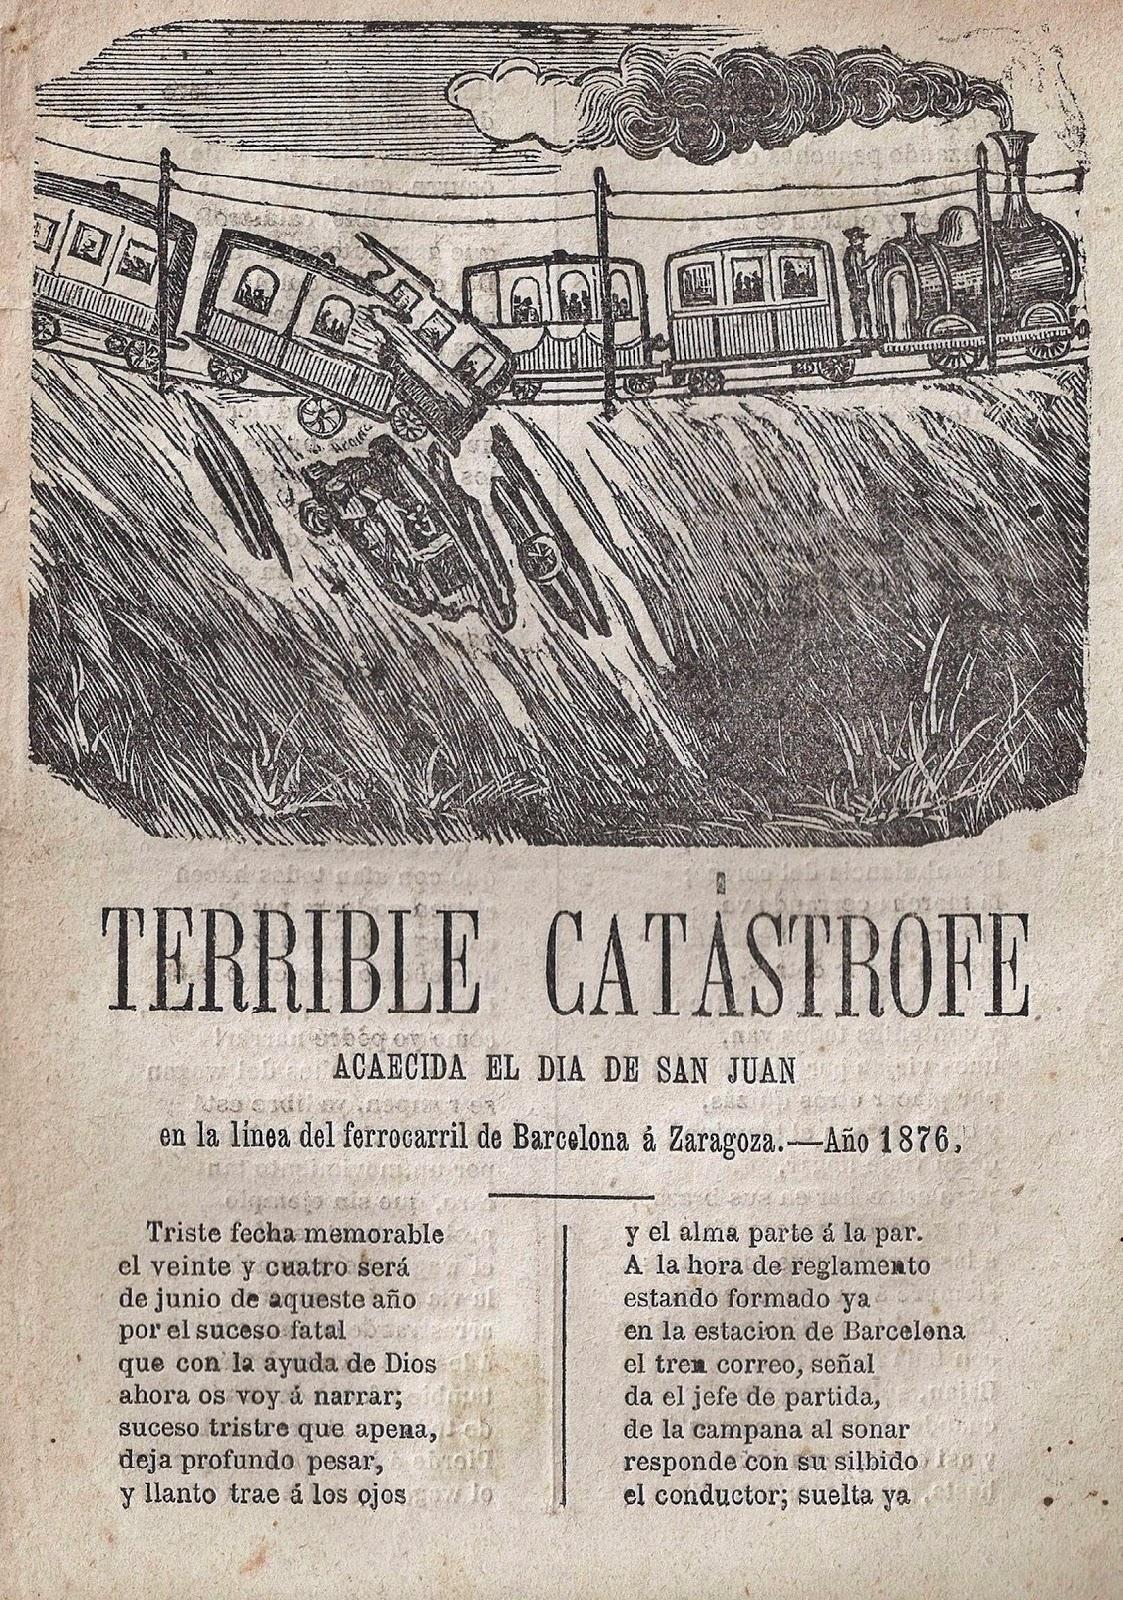 Terrible catástrofe el día de san Juan en ferrocarril. Barcelona